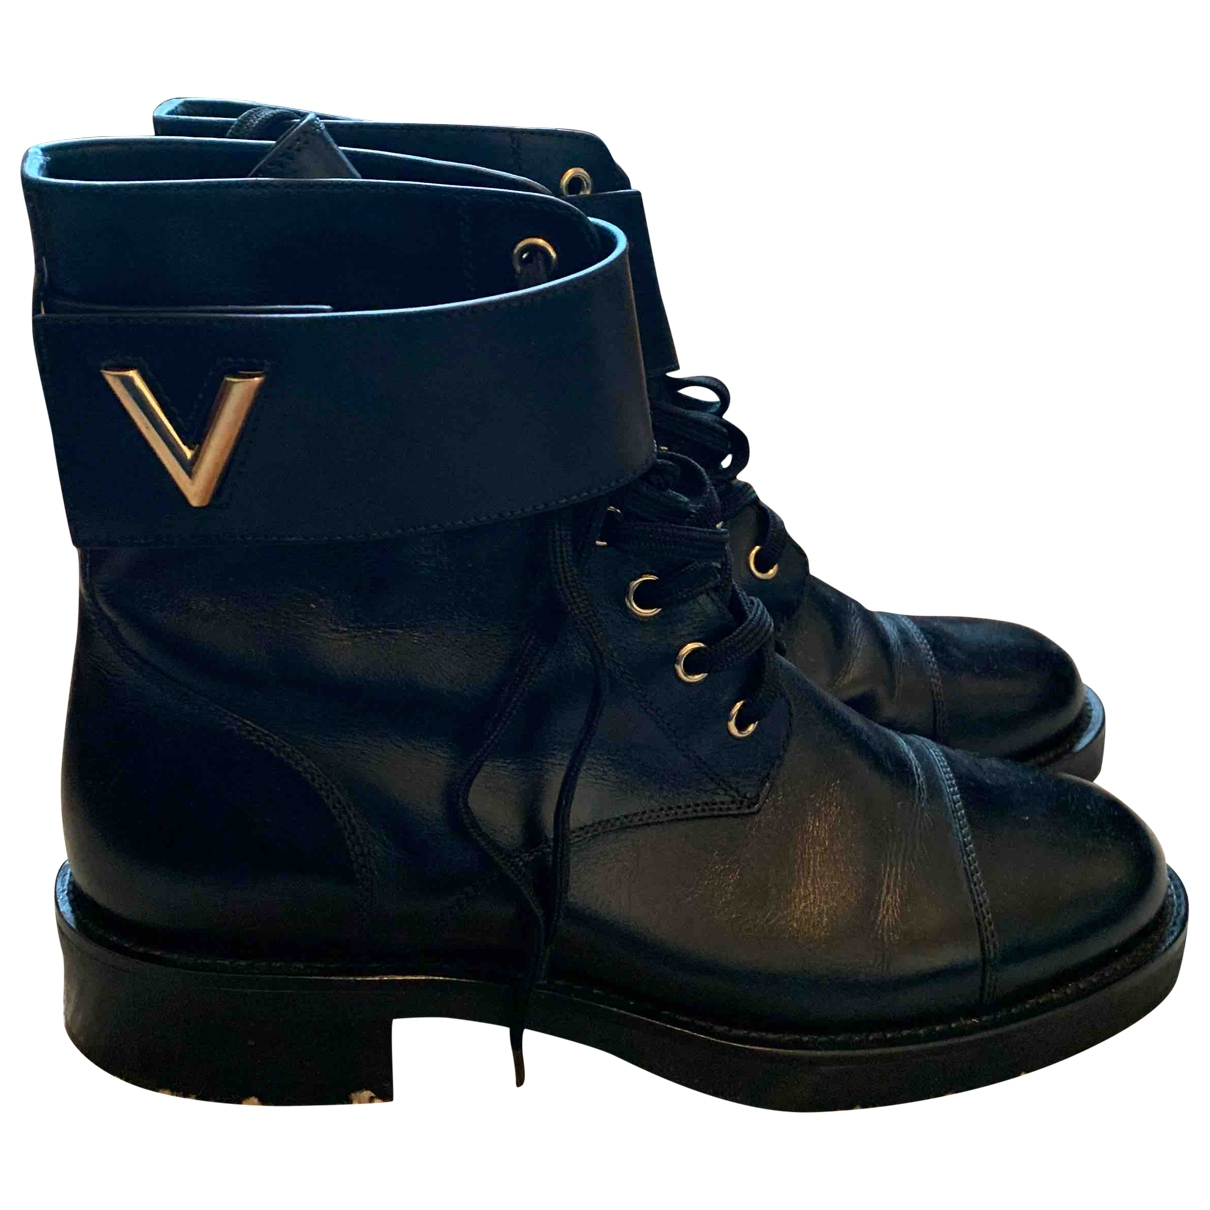 Louis Vuitton Wonderland Stiefeletten in  Schwarz Leder